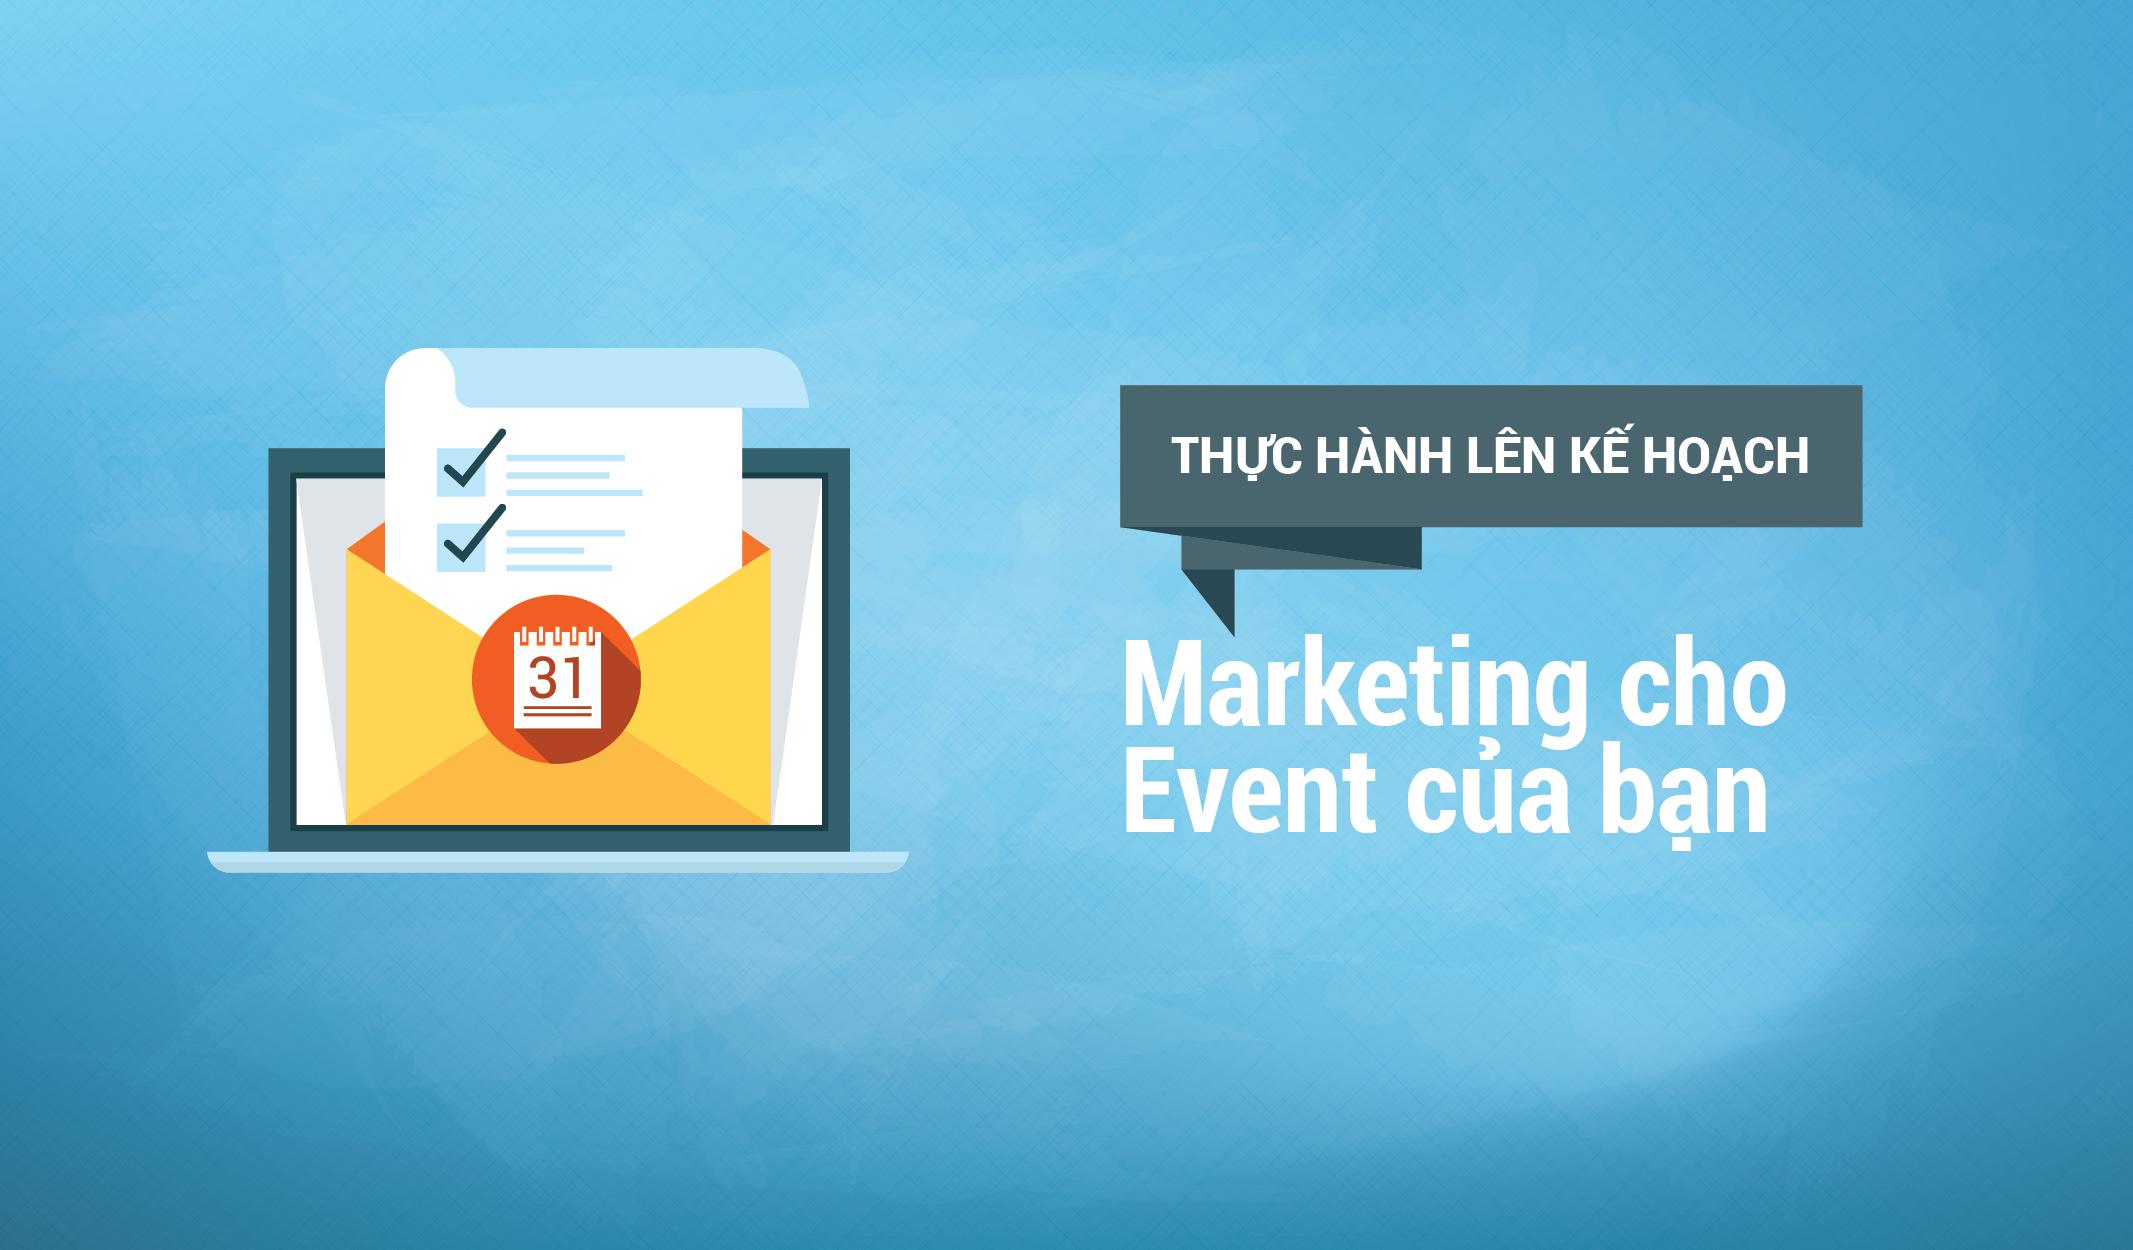 chạy sự kiện online marketing